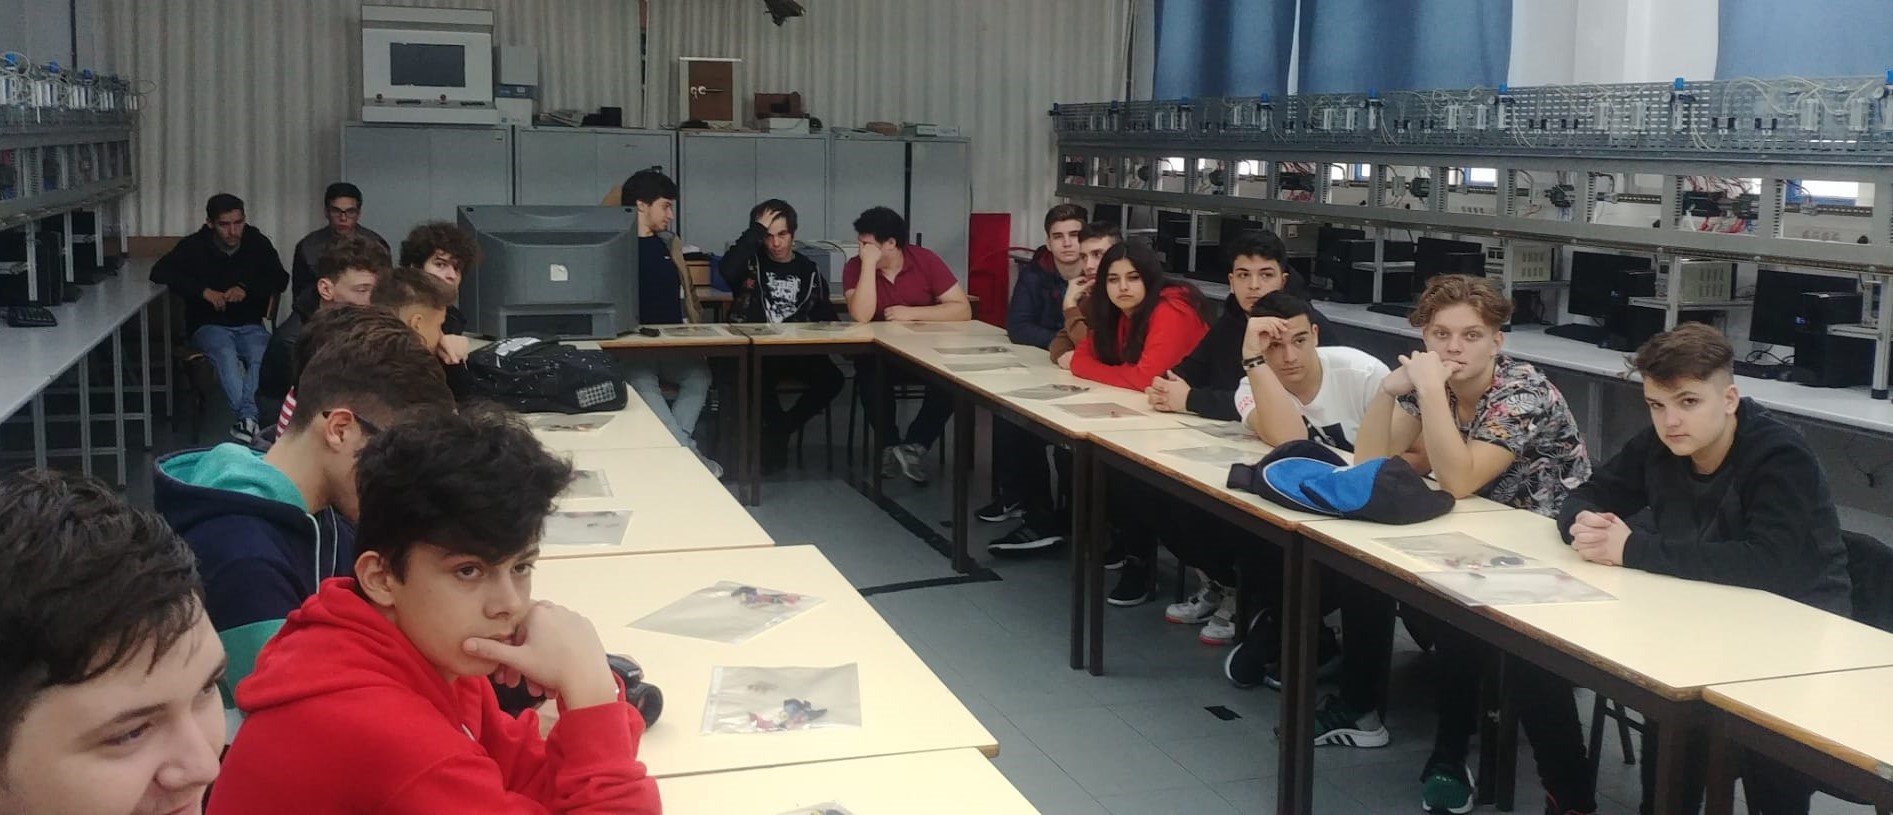 CIOR acolhe grupo de estudantes estagiários da Roménia